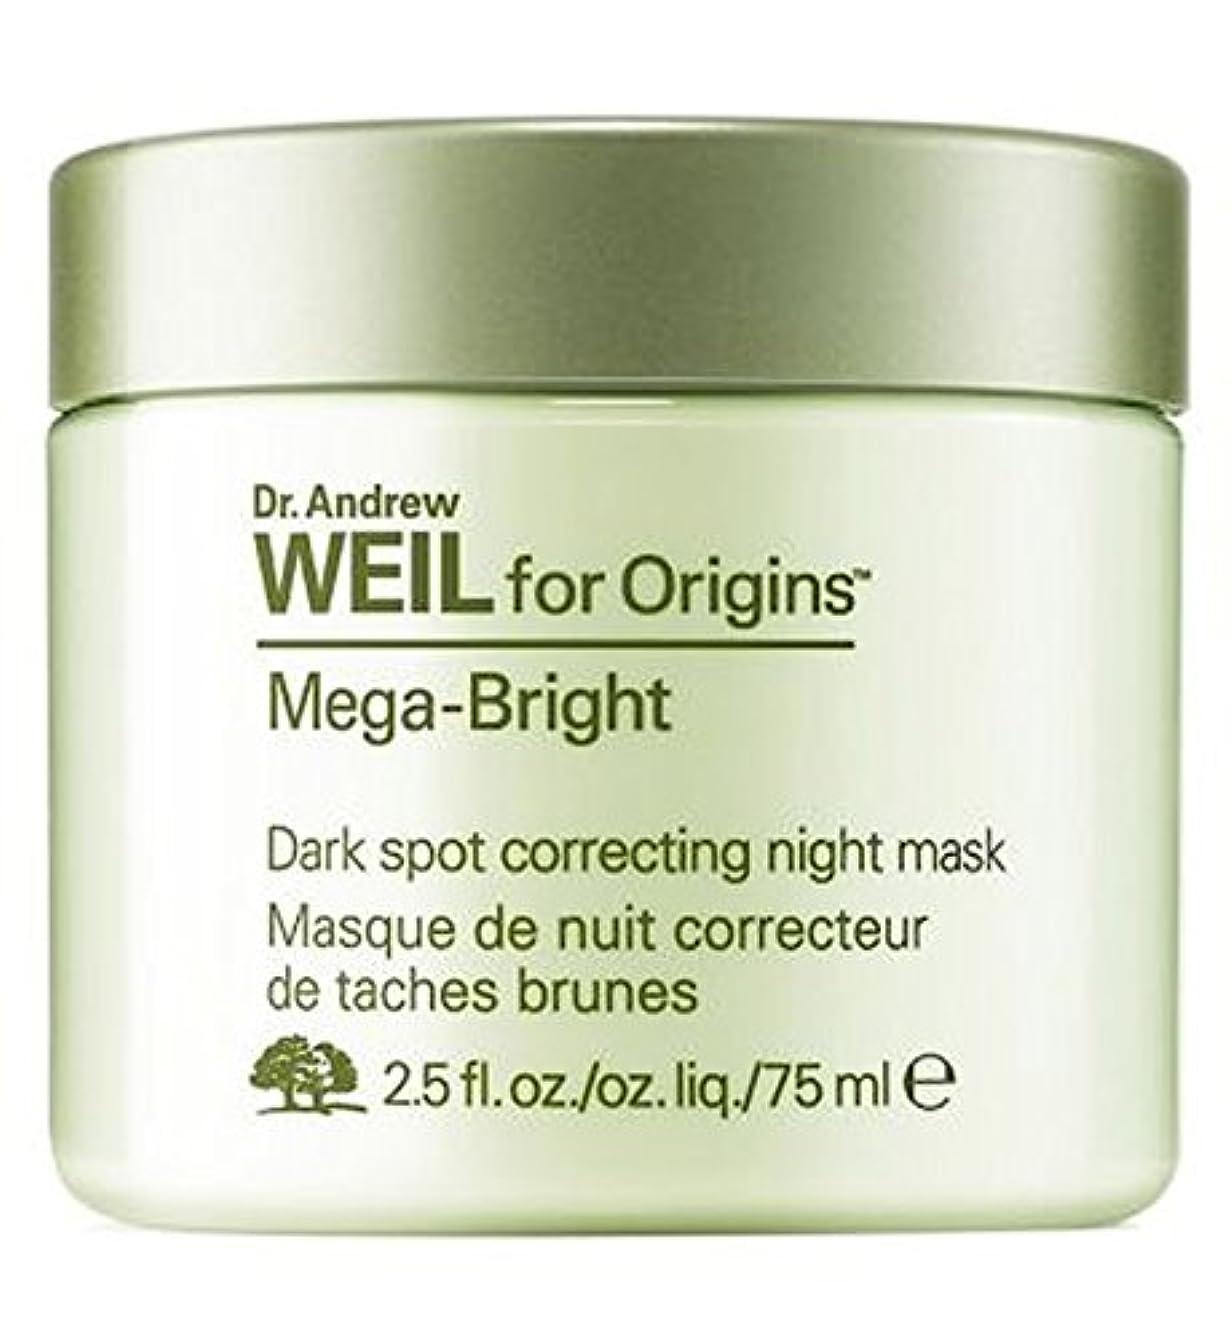 キャッシュ懲らしめ奇跡起源博士アンドルー?ワイル起源メガ明るい肌色補正ナイトマスク75ミリリットルのために (Origins) (x2) - Origins Dr Andrew Weil for Origins Mega Bright Skin...